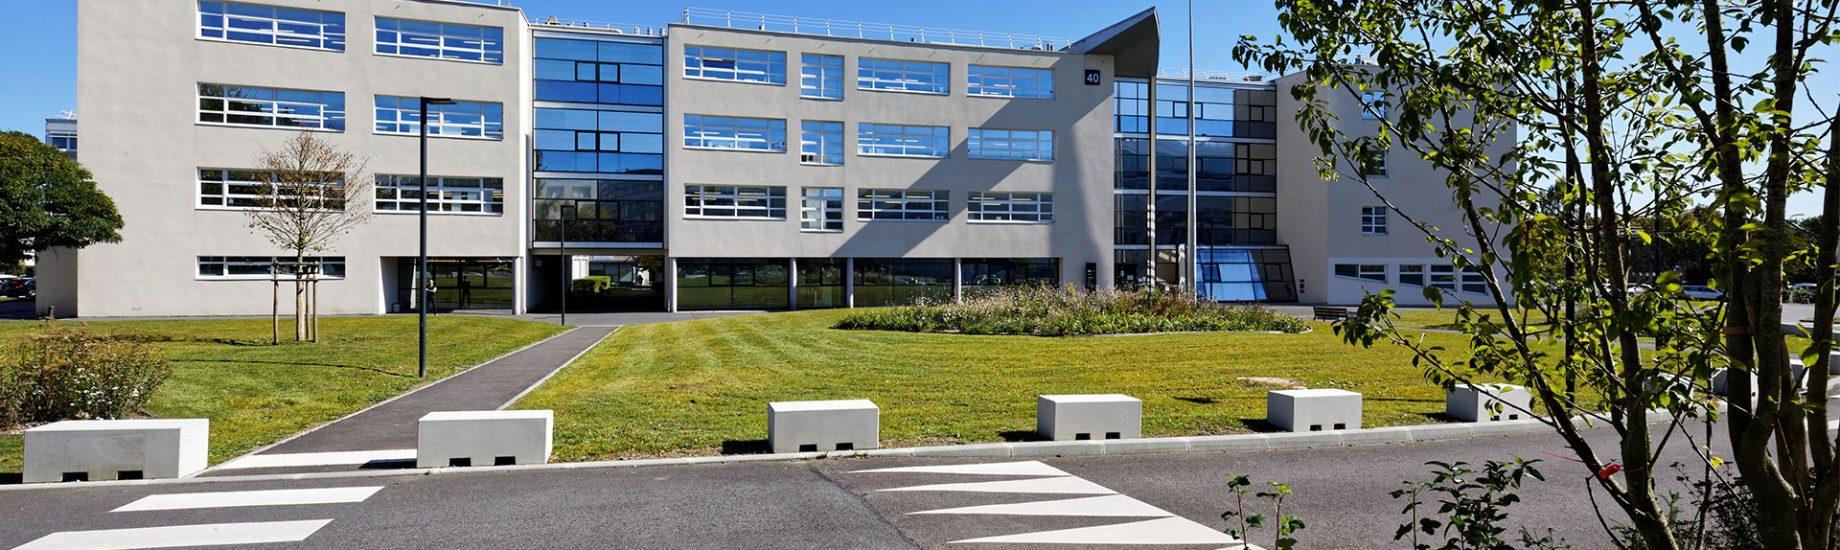 Campus Mont-Saint-Aignan